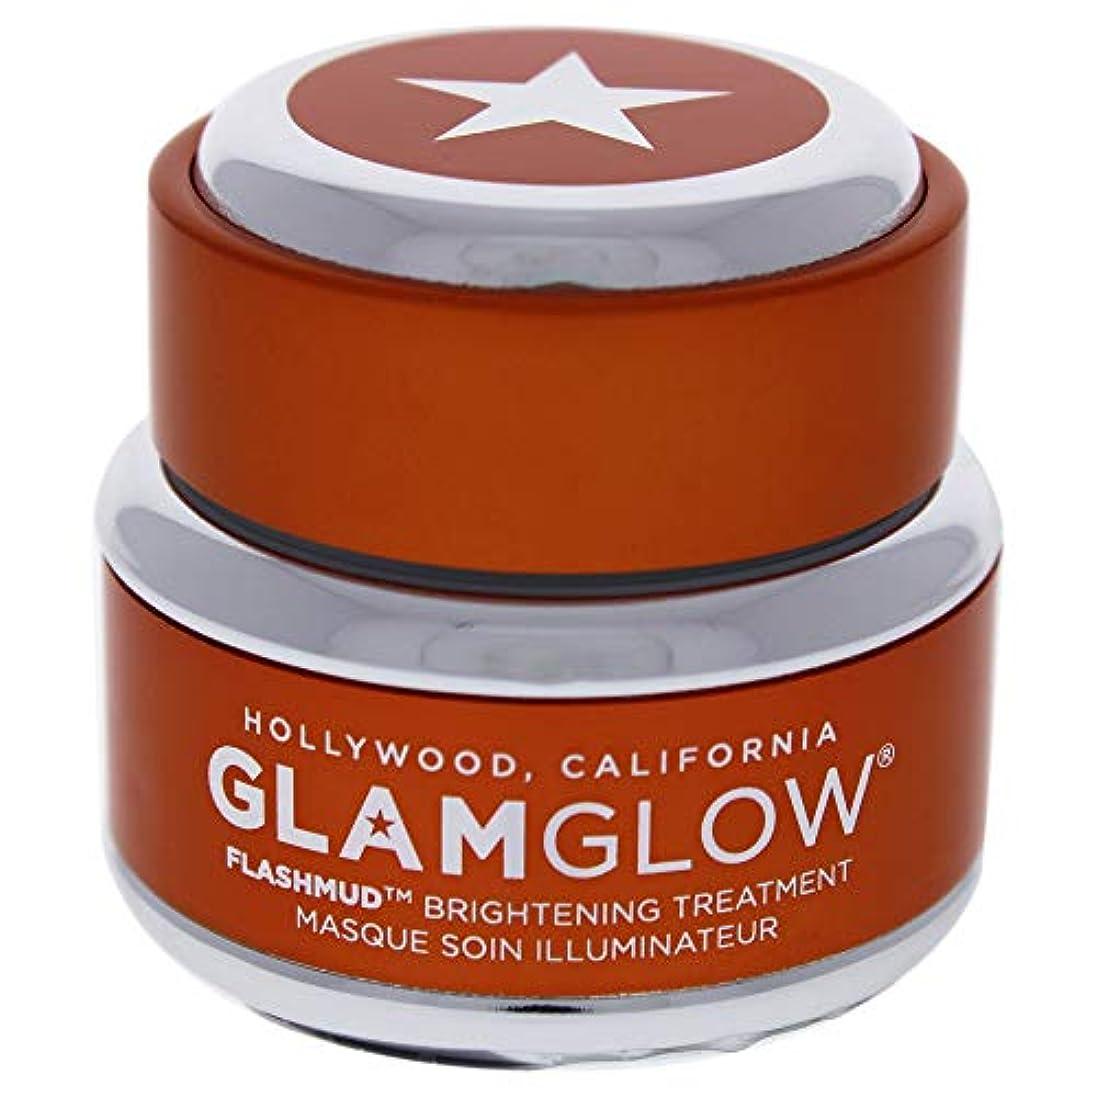 電気意味のあるブームGlam Glow Flashmud Brightening Treatment Mask 0.5oz (15ml)